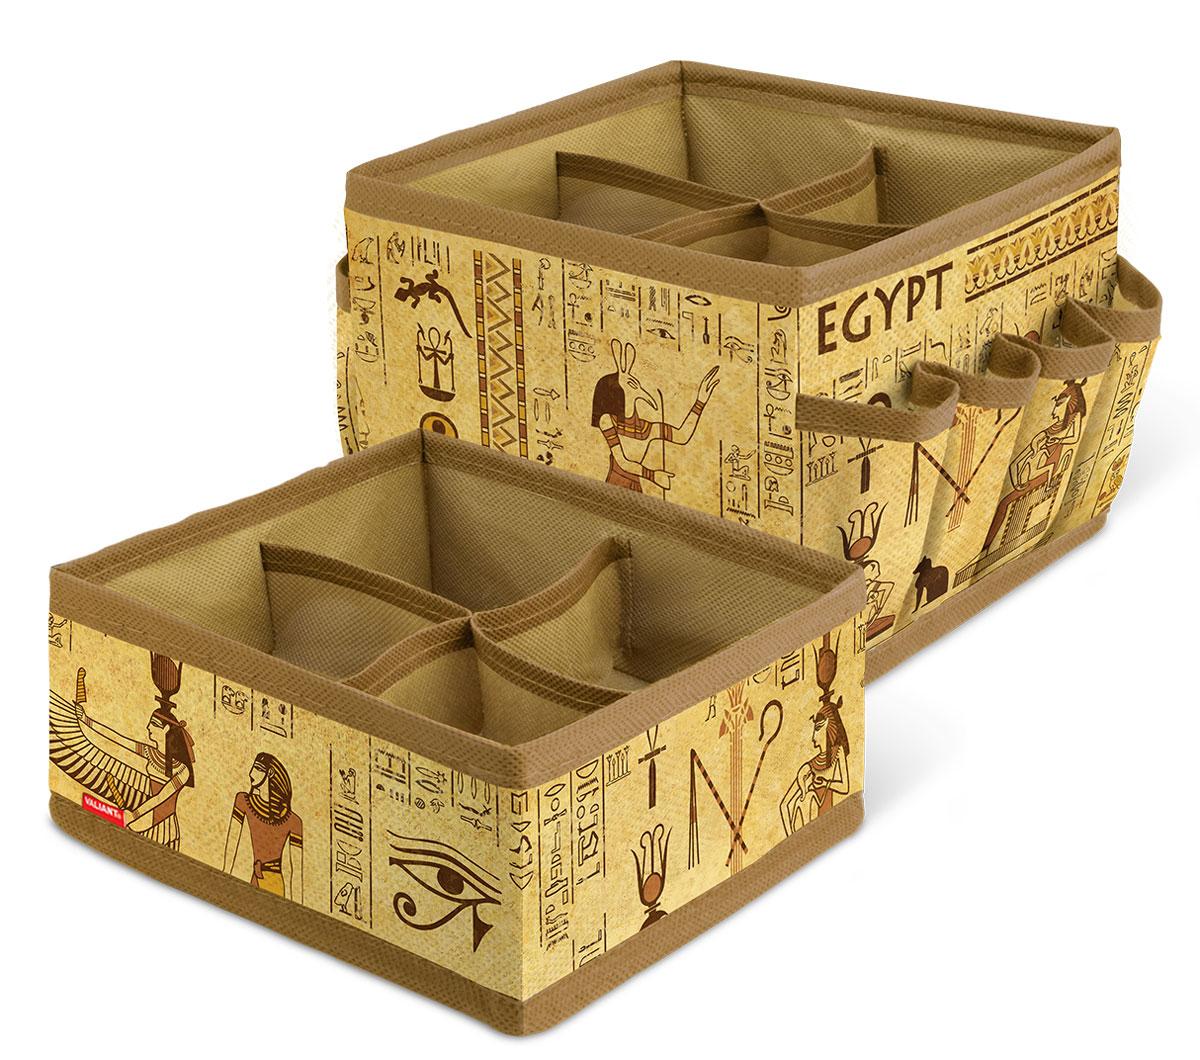 Набор органайзеров для косметики и аксессуаров Valiant Egypt, 2 шт19201Набор Valiant Egypt состоит из двух органайзеров для хранения косметики и аксессуаров. Изделия выполнены из высококачественного нетканого материала (спанбонда), который обеспечивает естественную вентиляцию, позволяя воздуху проникать внутрь, но не пропускает пыль. Вставки из плотного картона хорошо держат форму. Мягкие перегородки образуют четыре секции для хранения разнообразной косметики. Наружные кармашки позволяют удобно хранить мелкие аксессуары. Изделия отличаются мобильностью: легко раскладываются и складываются. Набор органайзеров для косметики и аксессуаров Valiant Egypt поможет привести элементы женского туалета в порядок. Оригинальный дизайн придется по вкусу ценительницам эстетичного хранения. Размер органайзеров: 15 см х 15 см х 12 см; 15 см х 15 см х 7 см.